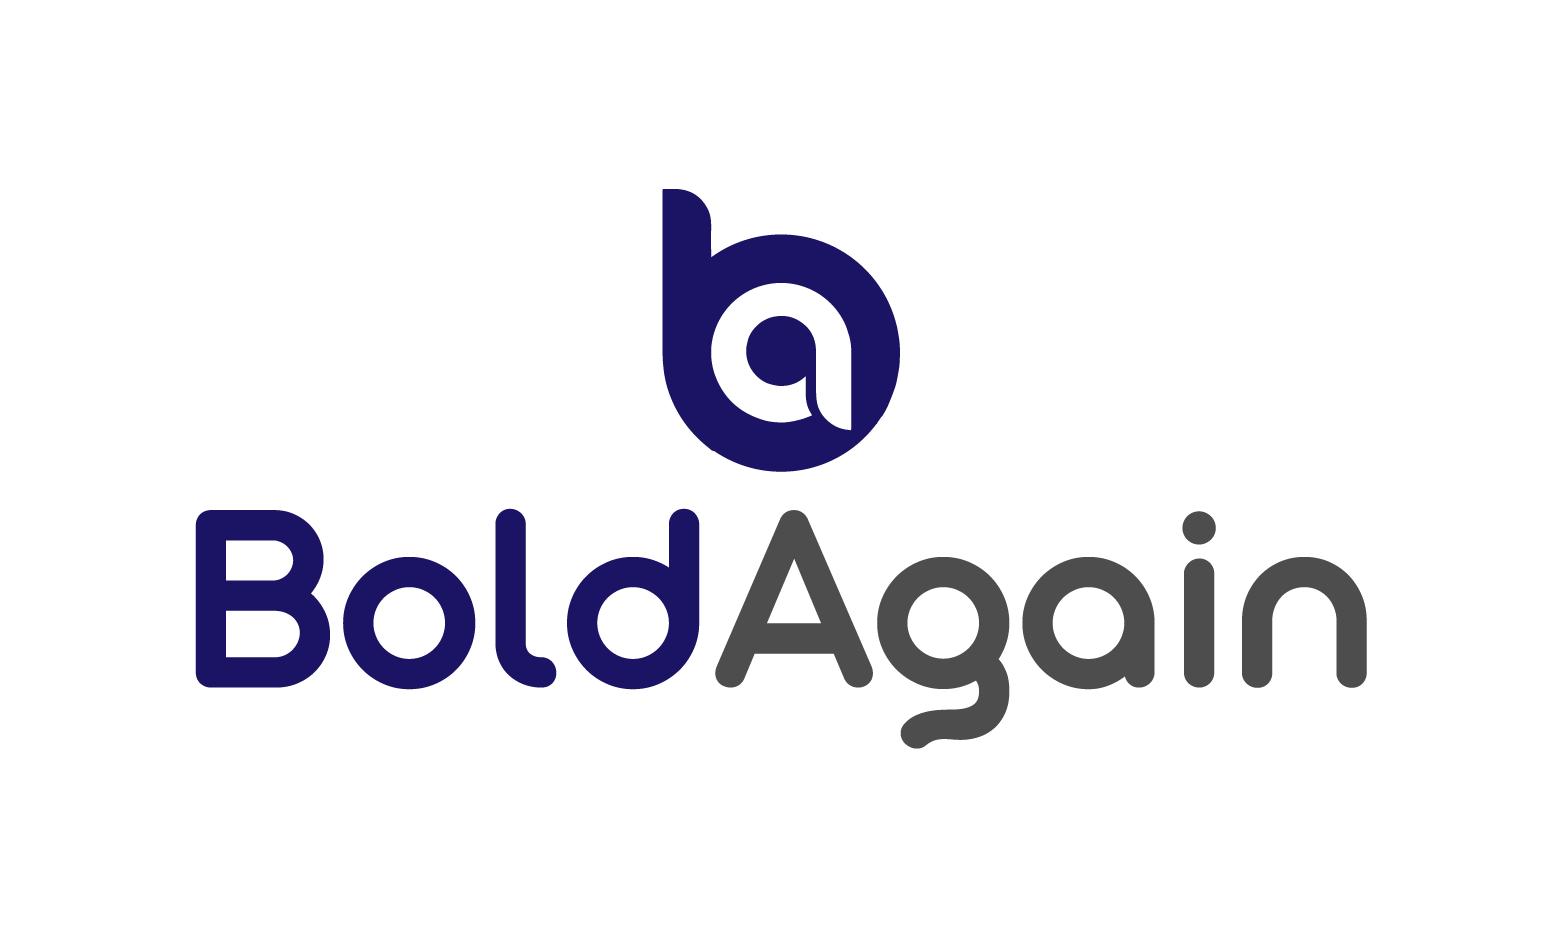 BoldAgain.com